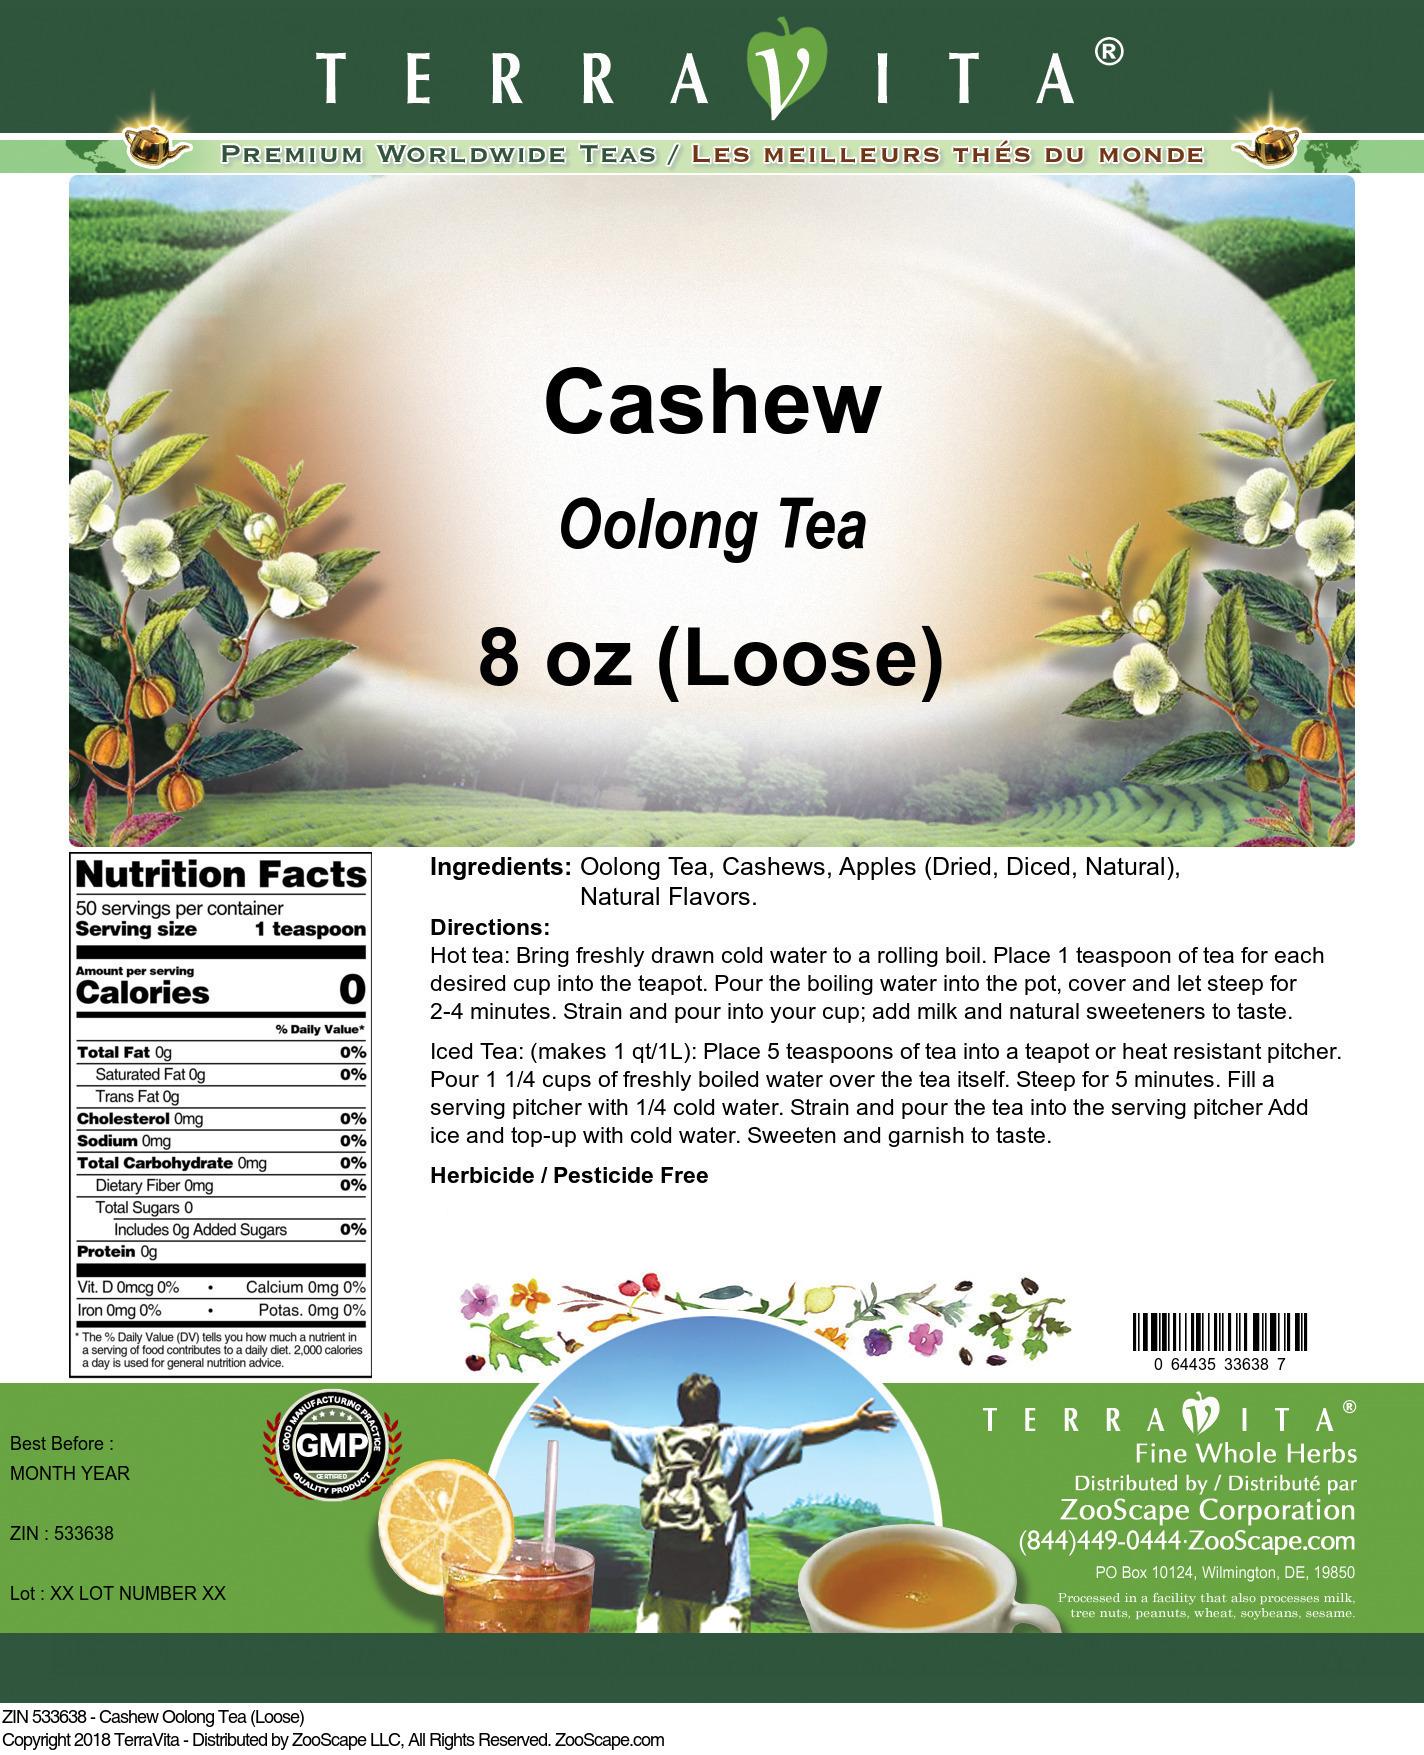 Cashew Oolong Tea (Loose)